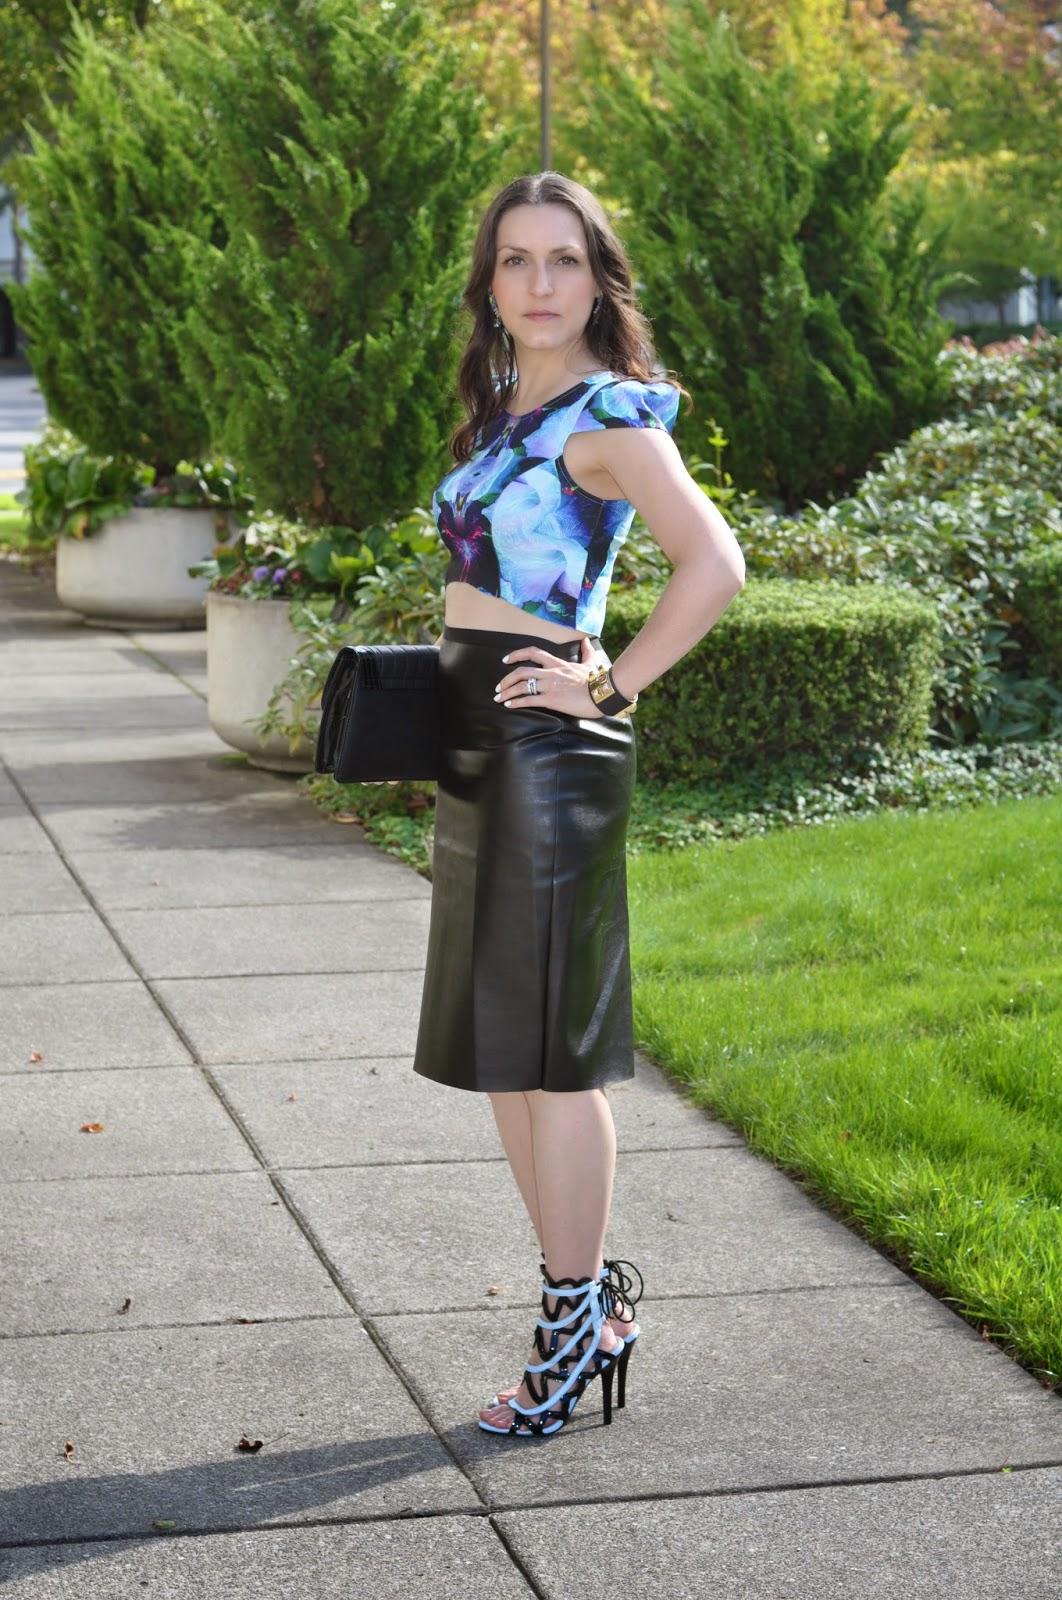 Kiki Simone Fashion - Fashion Blog By Kiki Simone -7534